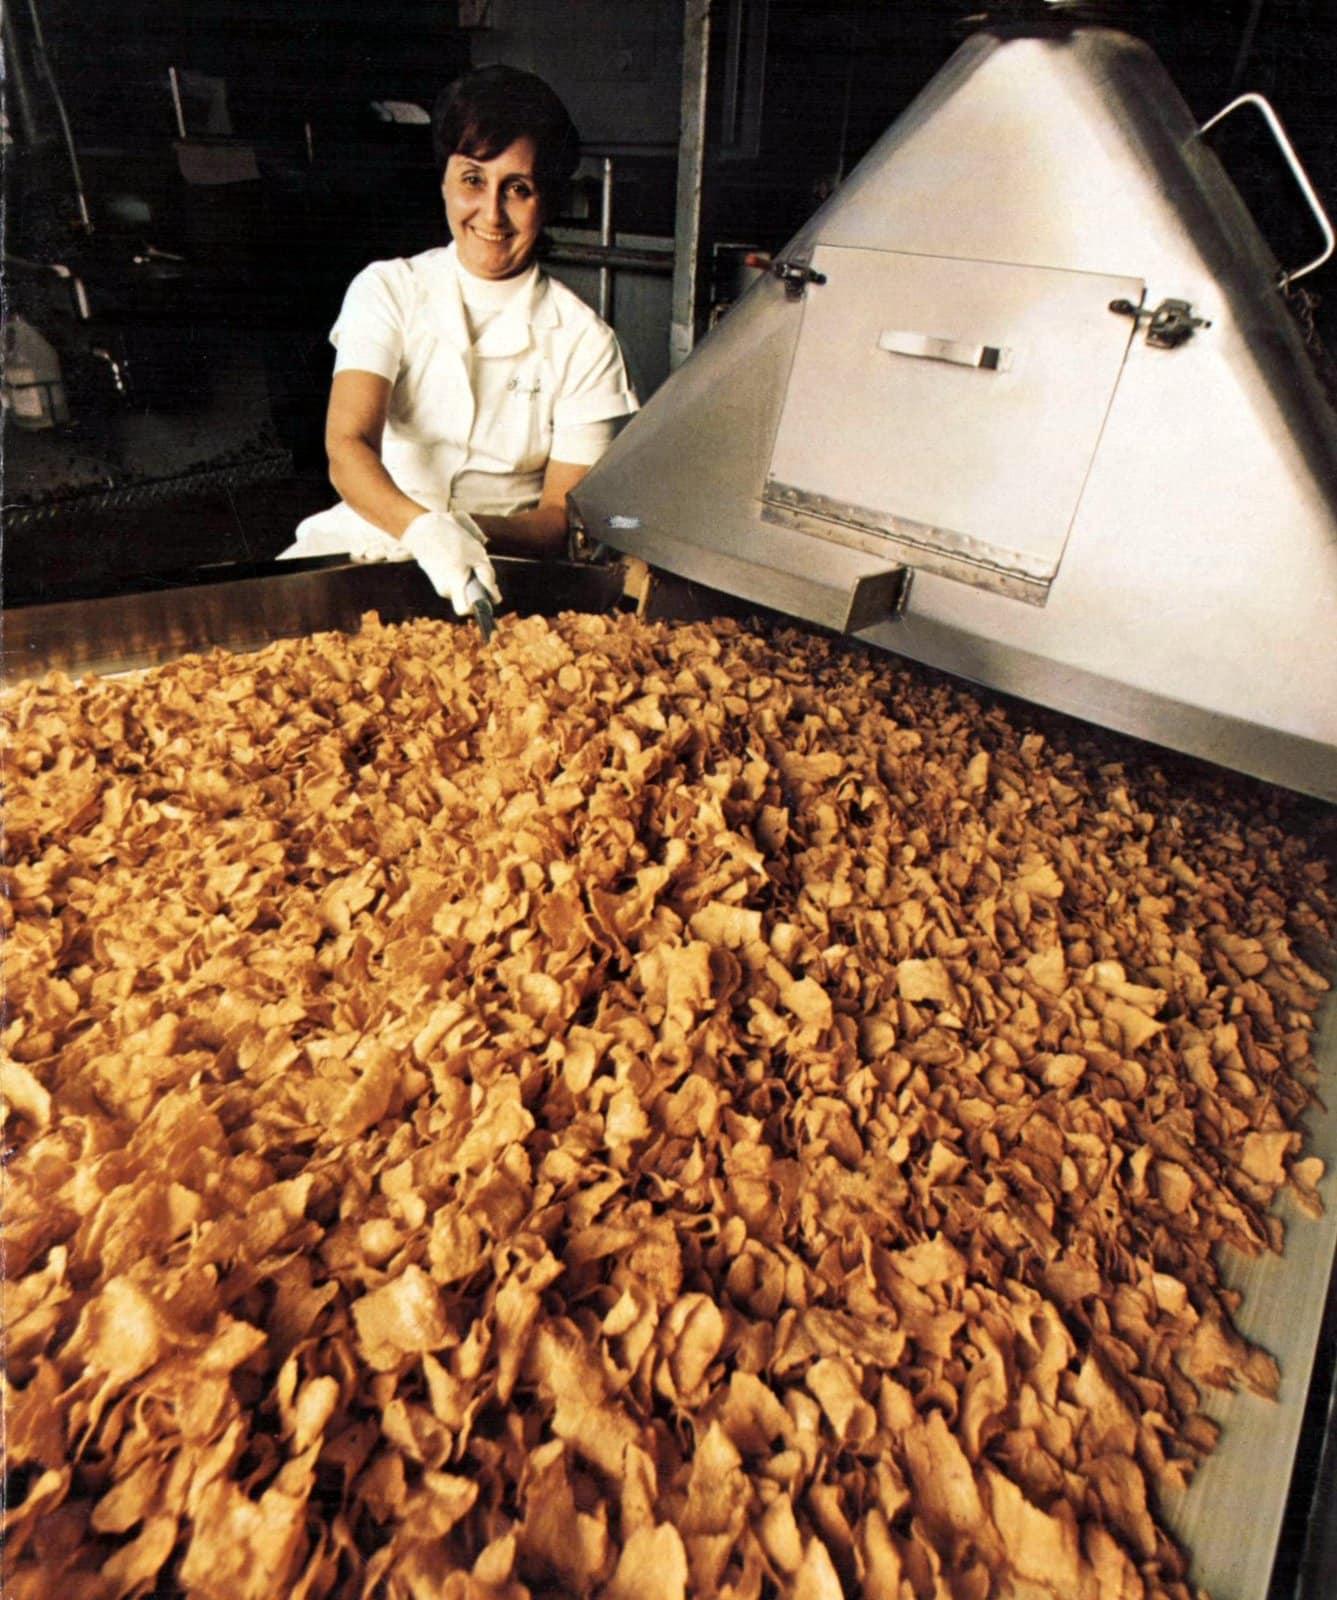 Kellogg's Corn Flakes at the factory (1977)